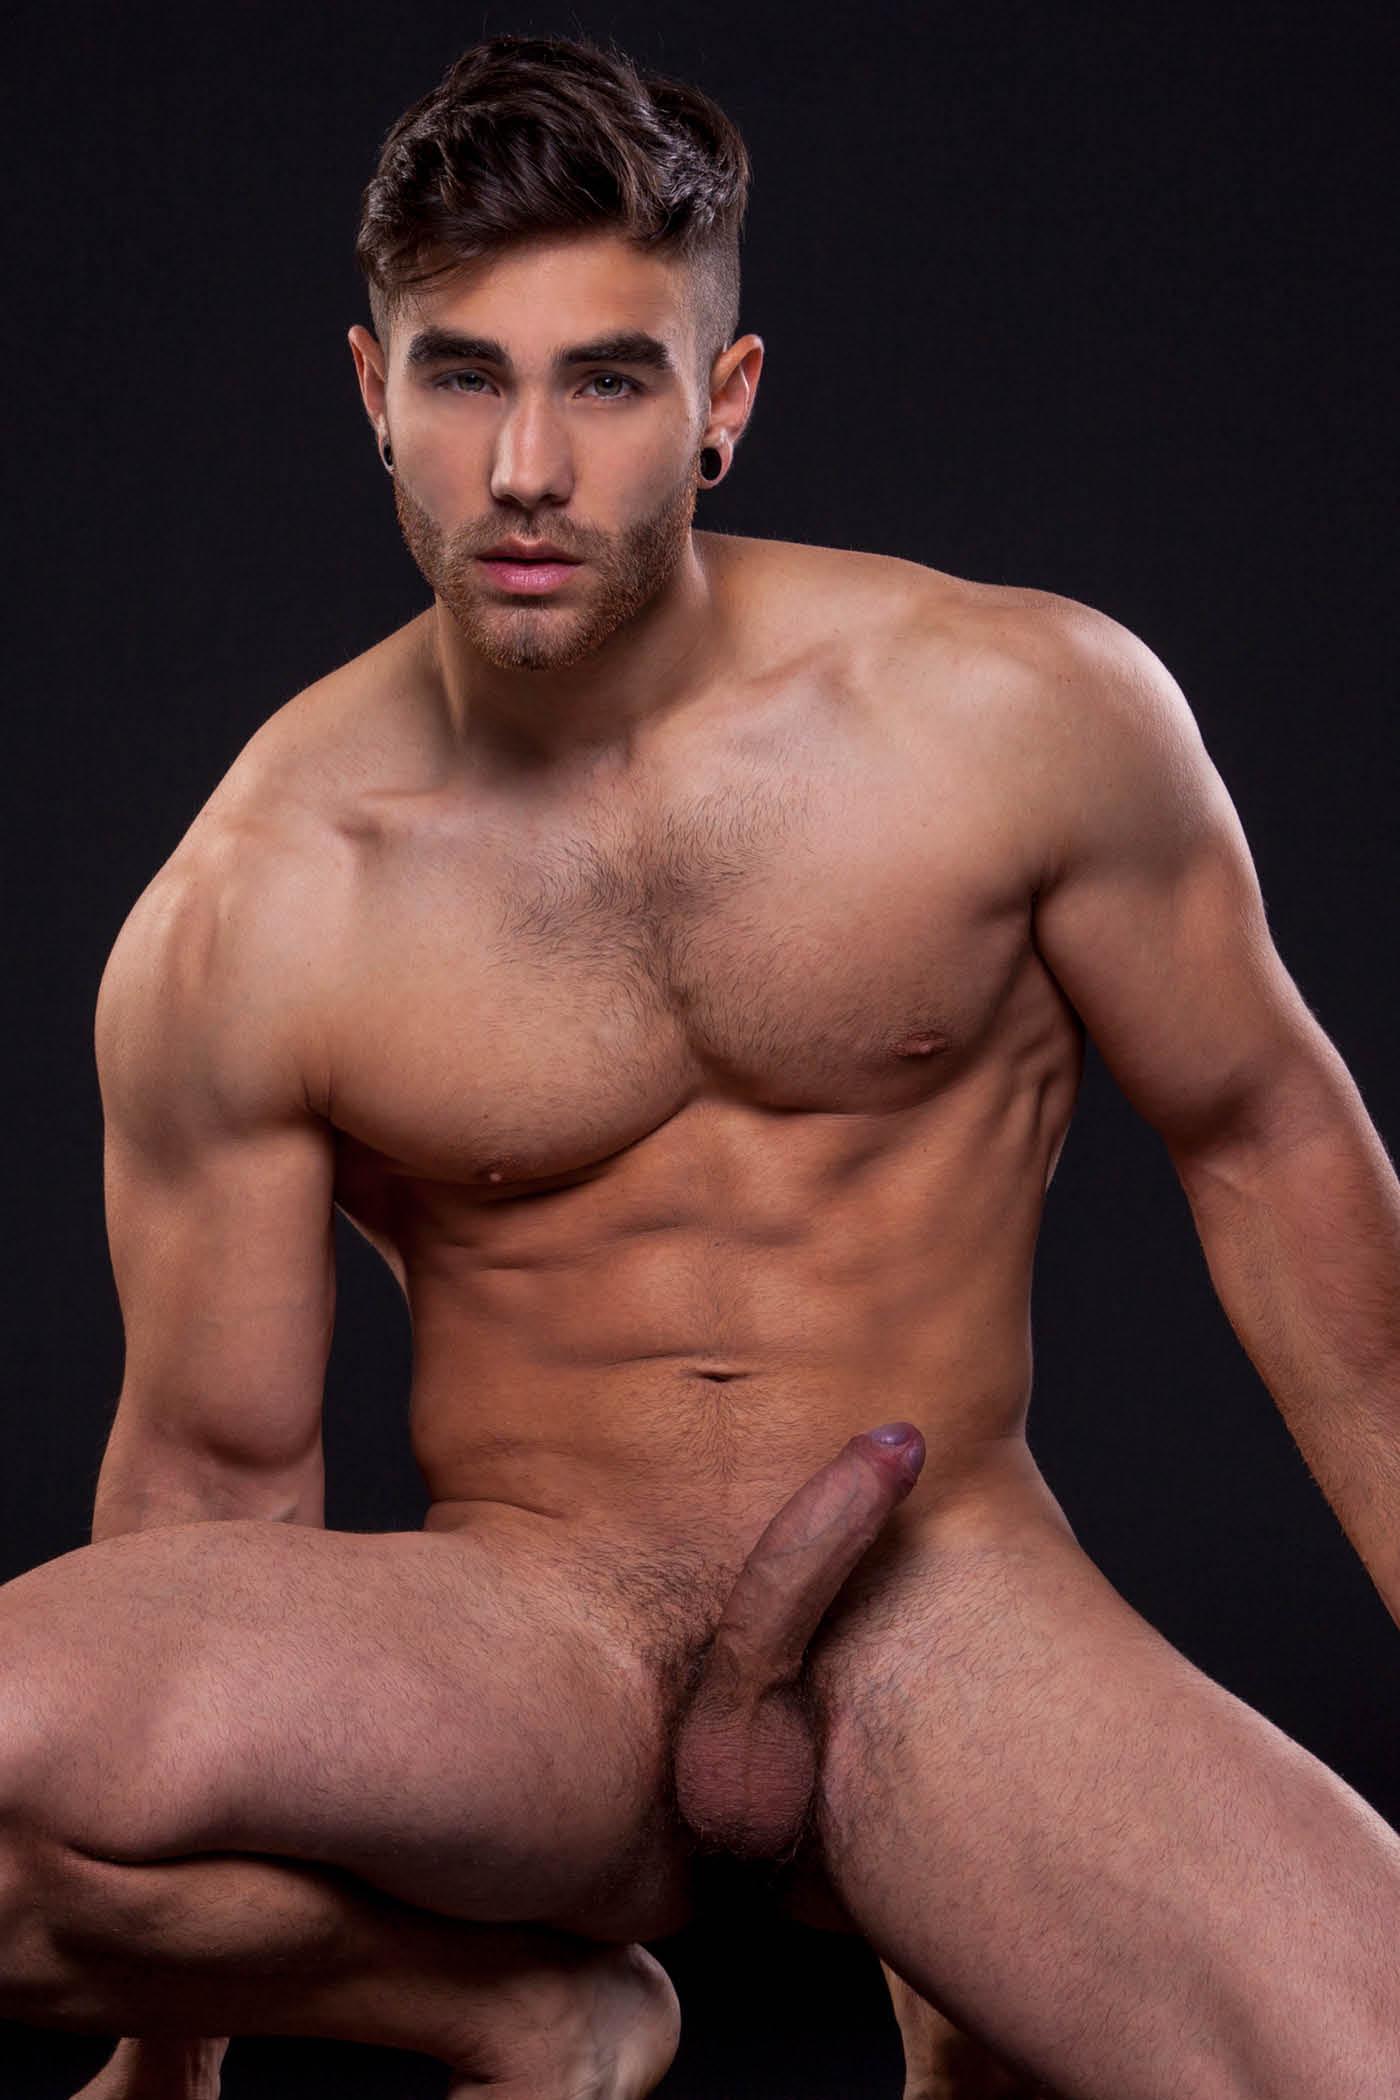 Male boy porn